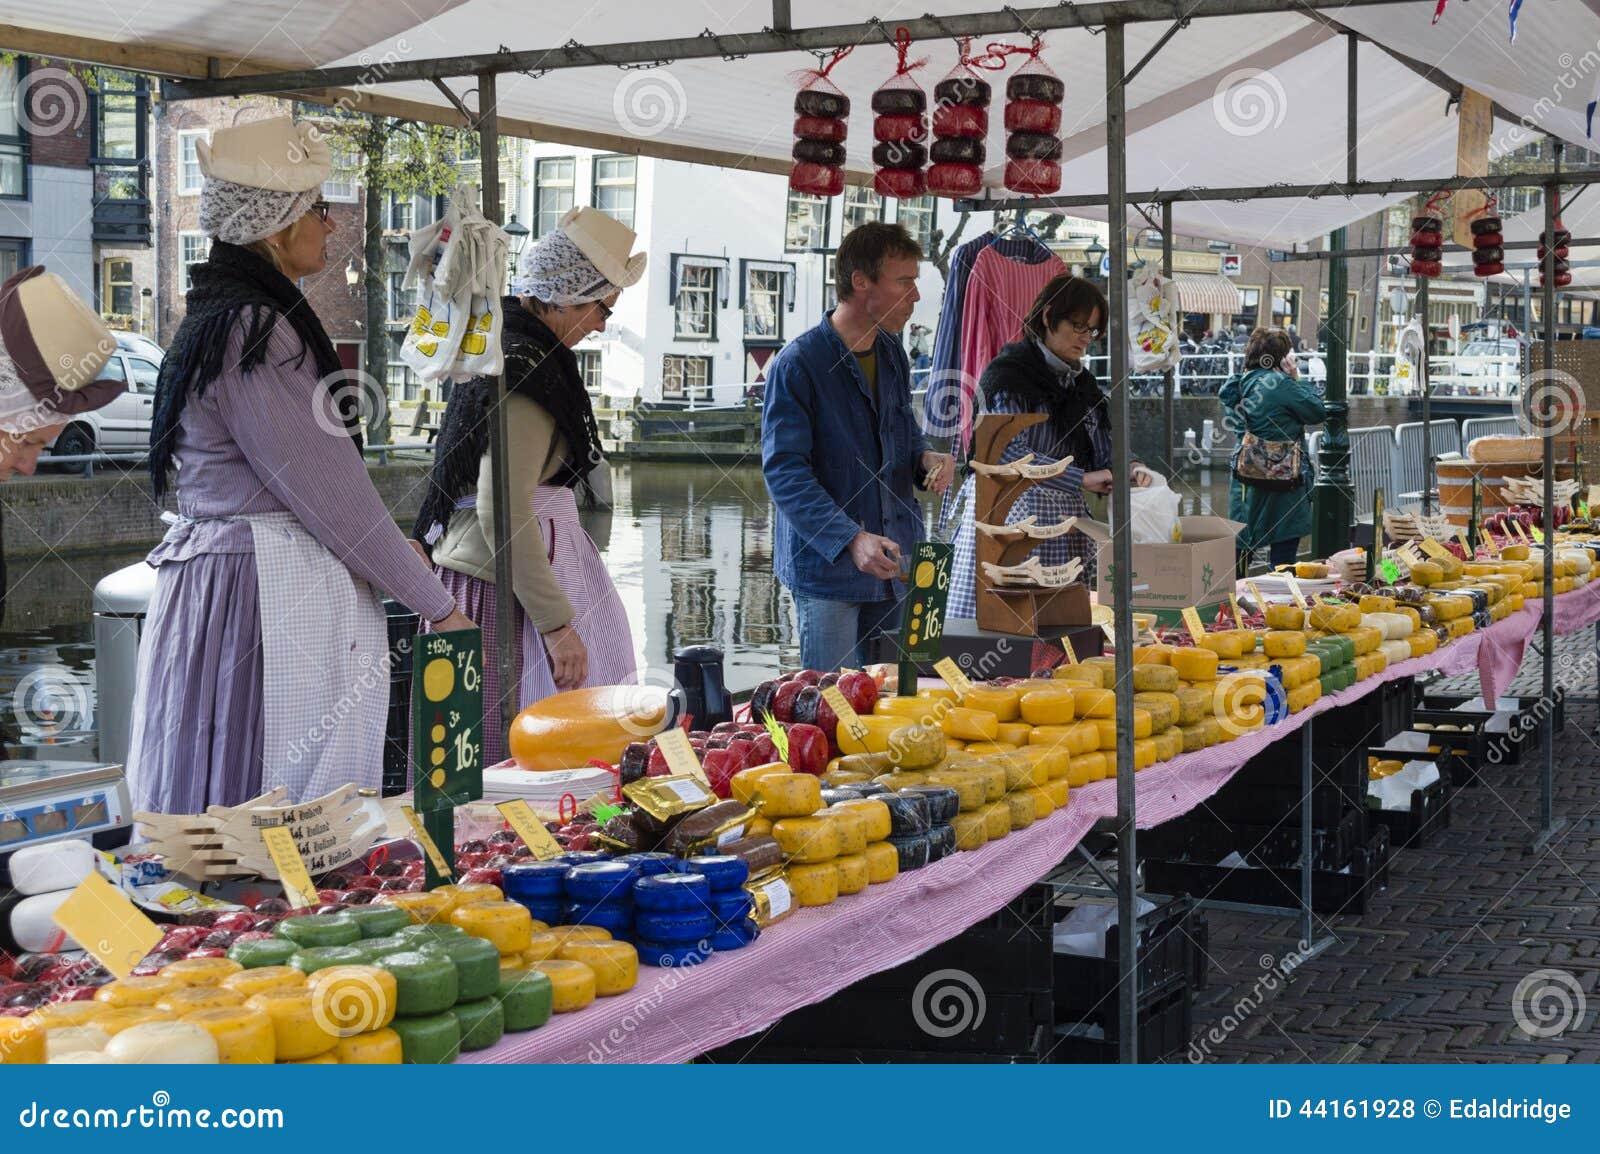 Mercado Histórico Del Queso De Alkmaar Foto De Archivo Editorial Imagen De Canal Parada 44161928